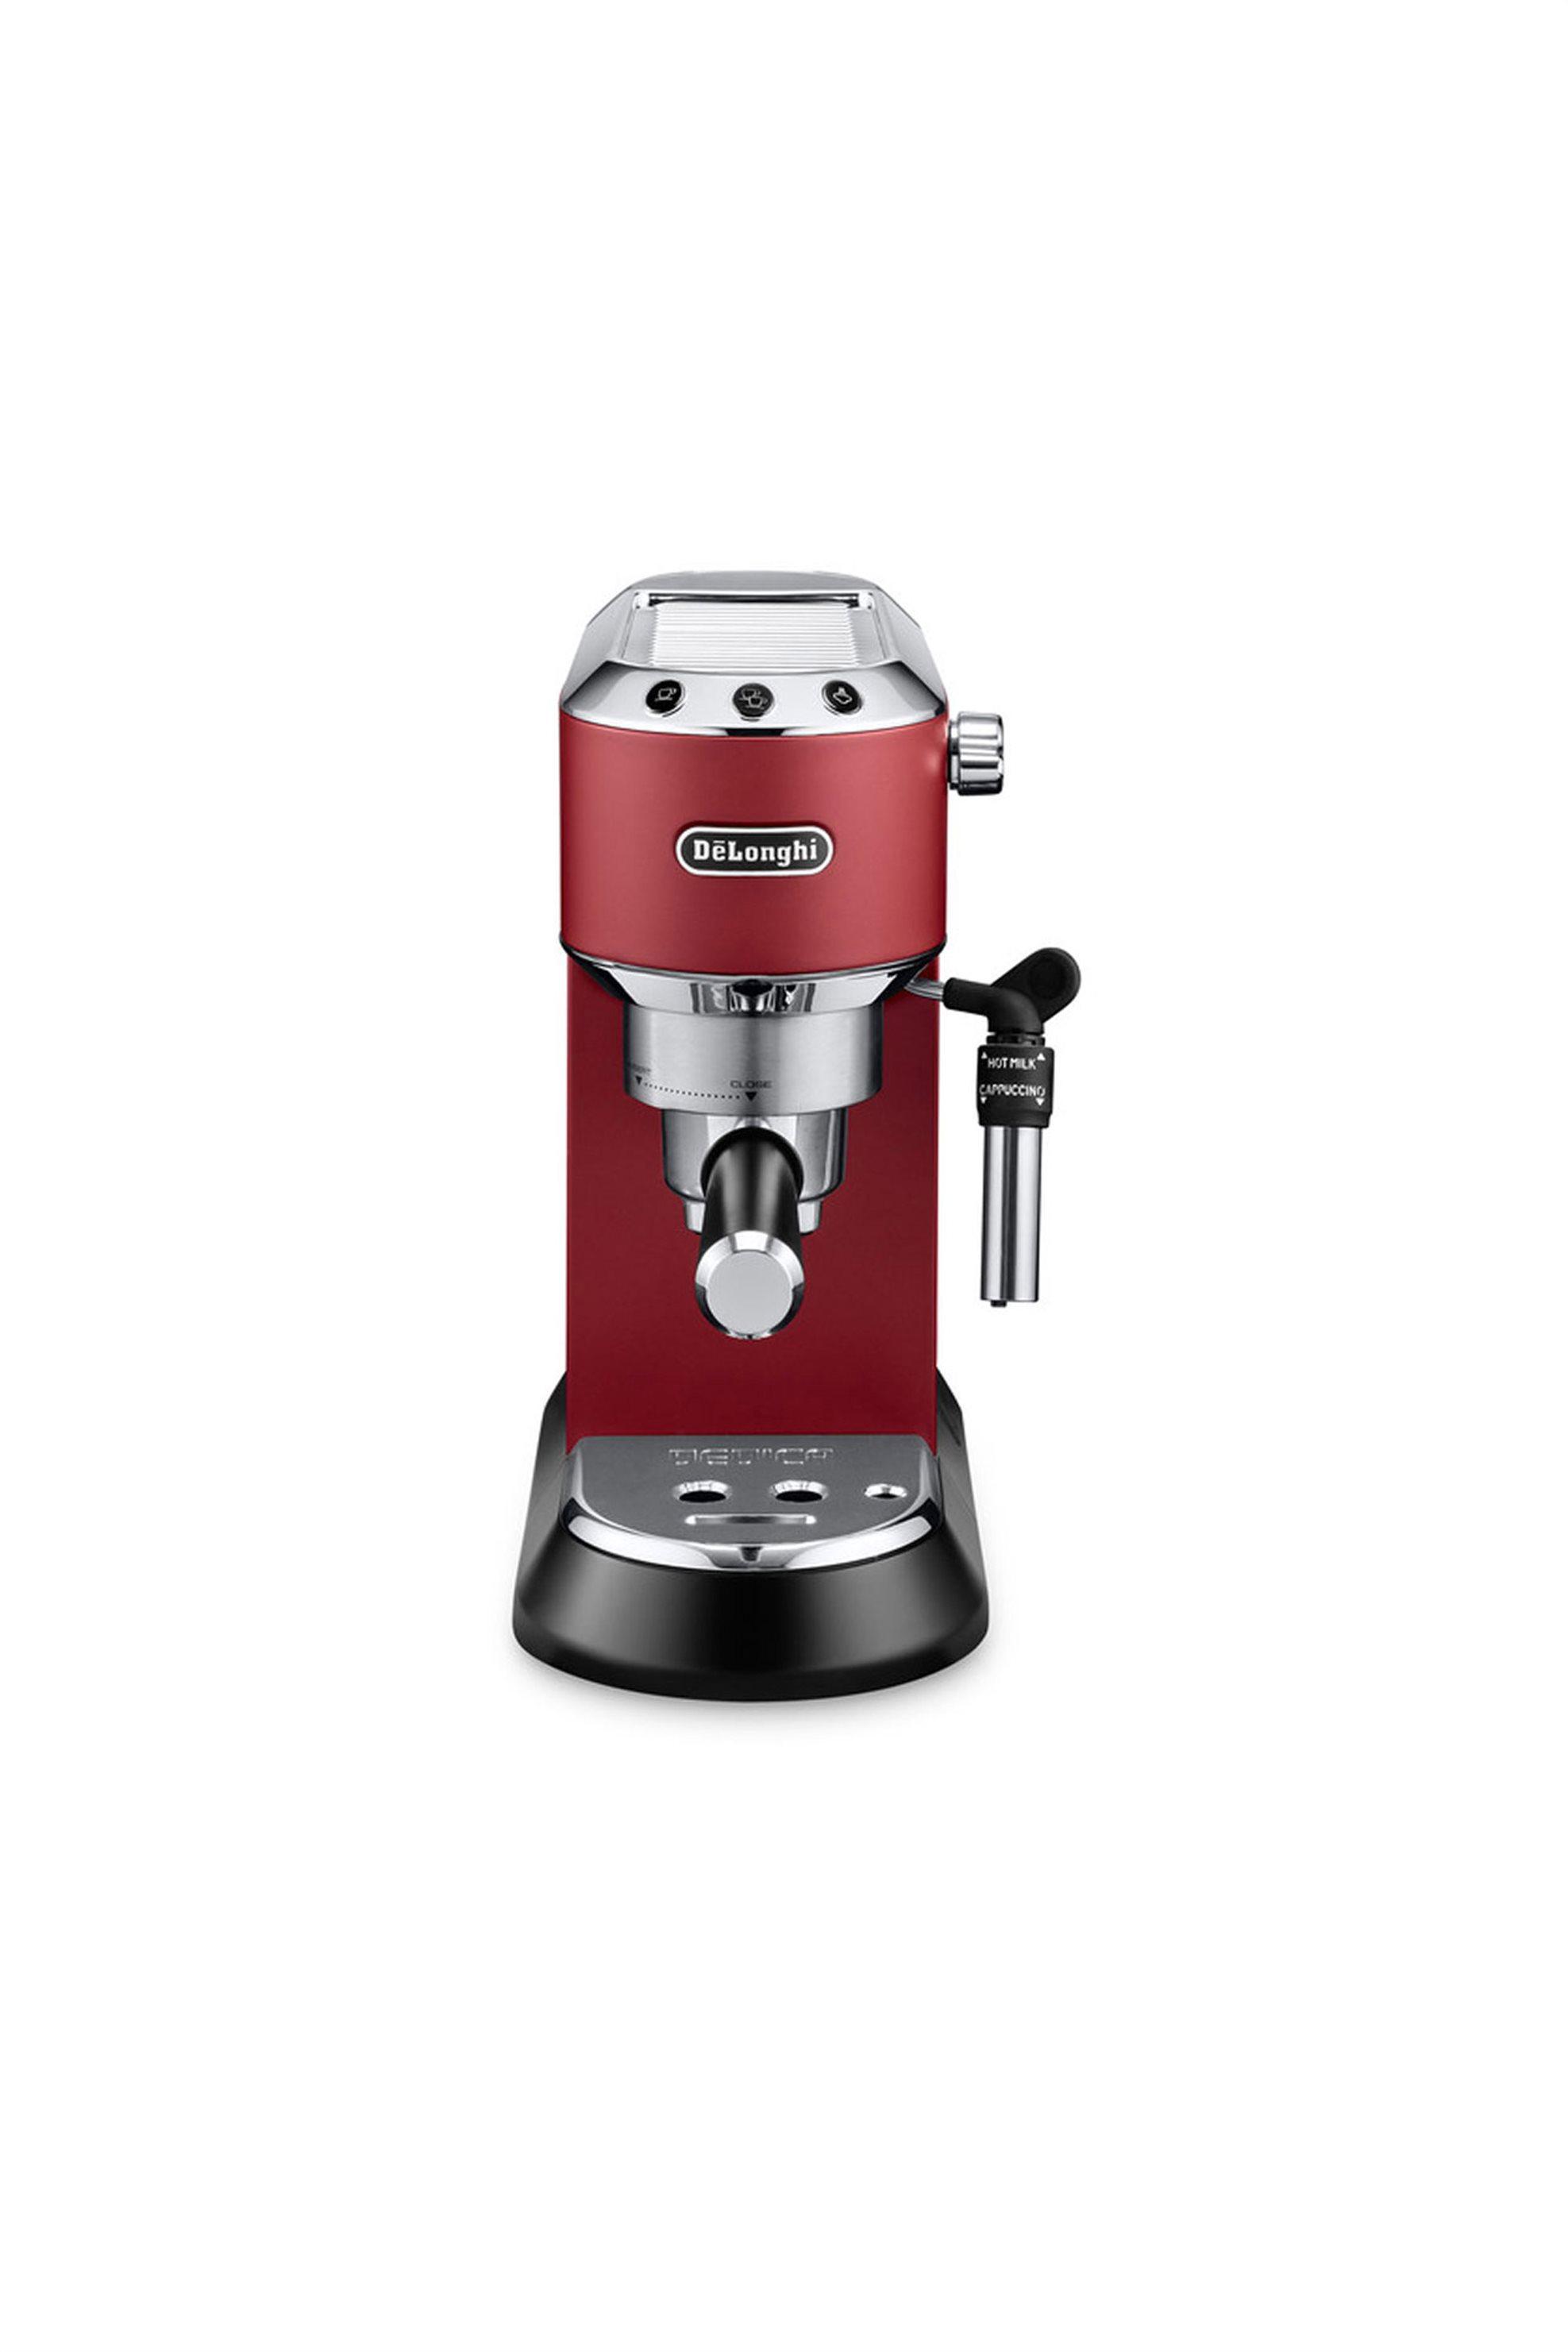 Μηχανή espresso cappuccino EC 685.R De'Longhi - 0132106139 home   μικρεσ οικιακεσ συσκευεσ   καφετιέρες   μηχανές espresso